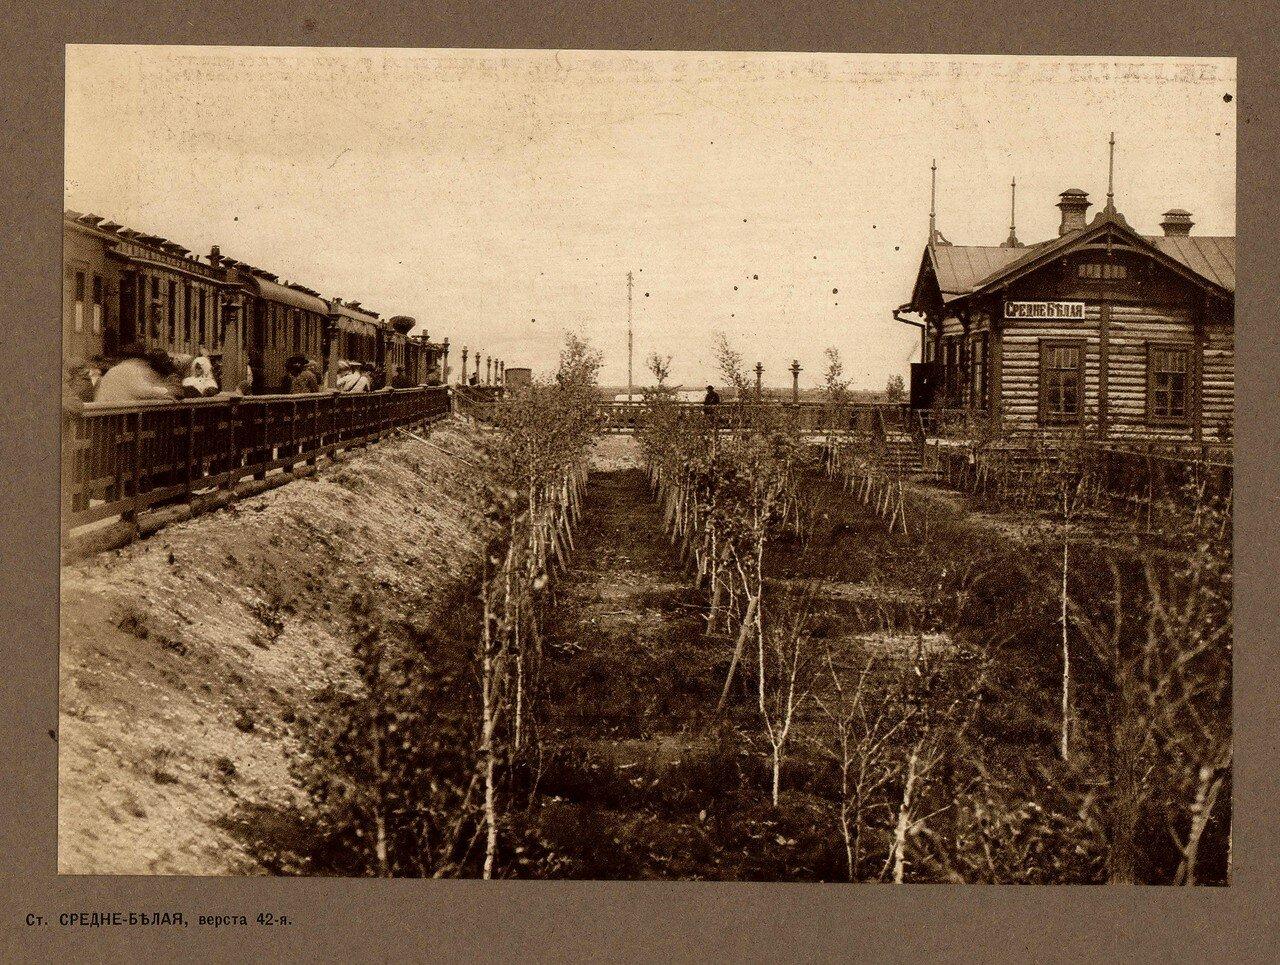 42 верста. Станция Средне-Белая